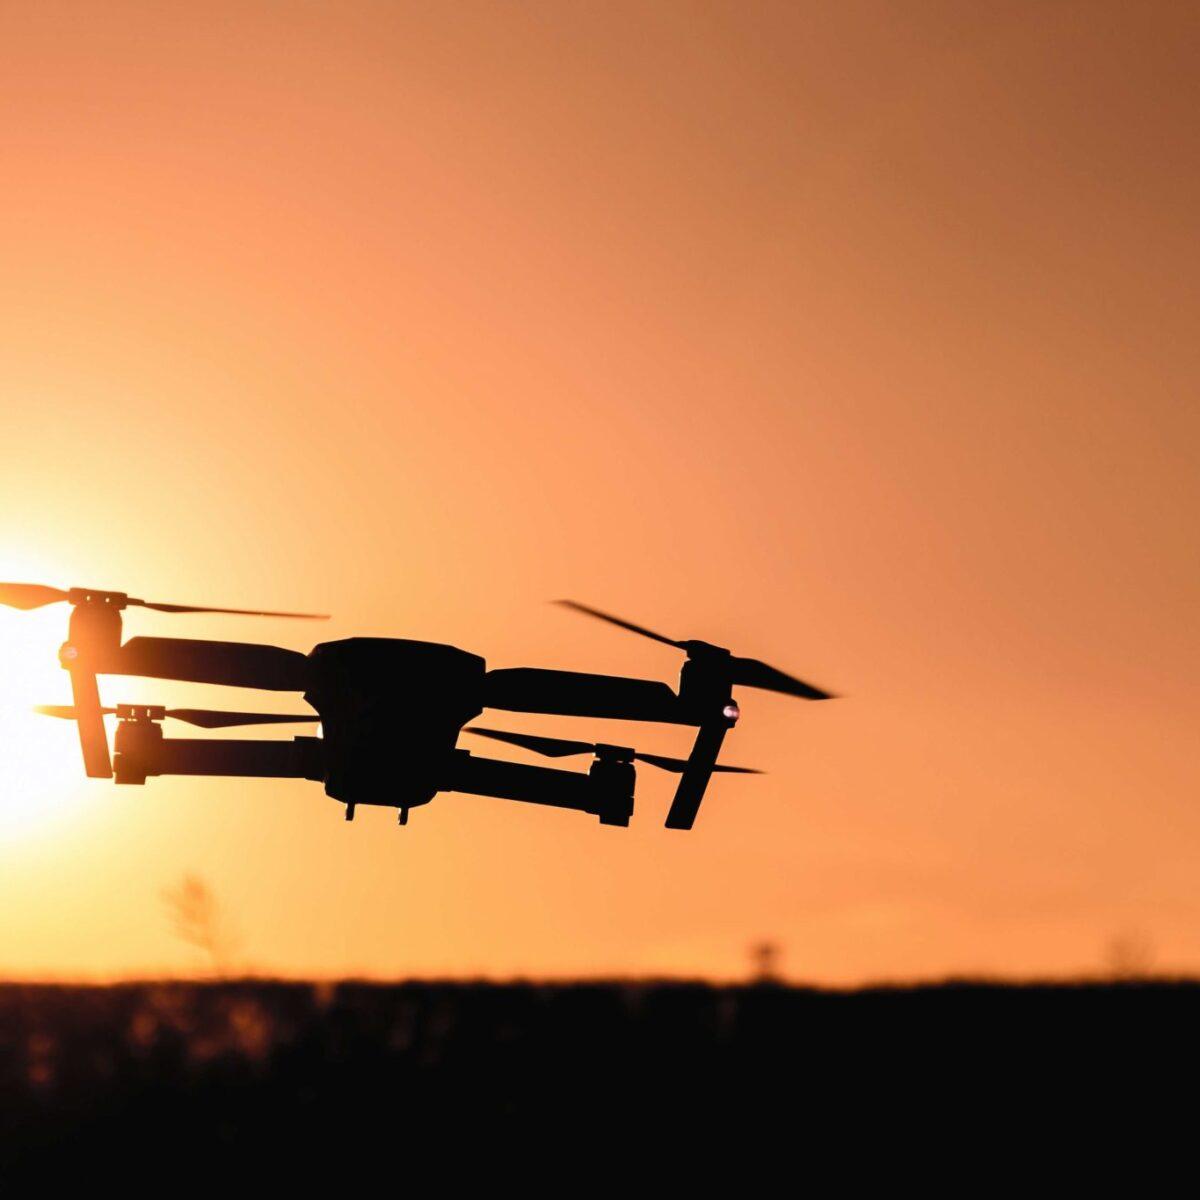 Spoločnosť Sony chystá vlastný dron